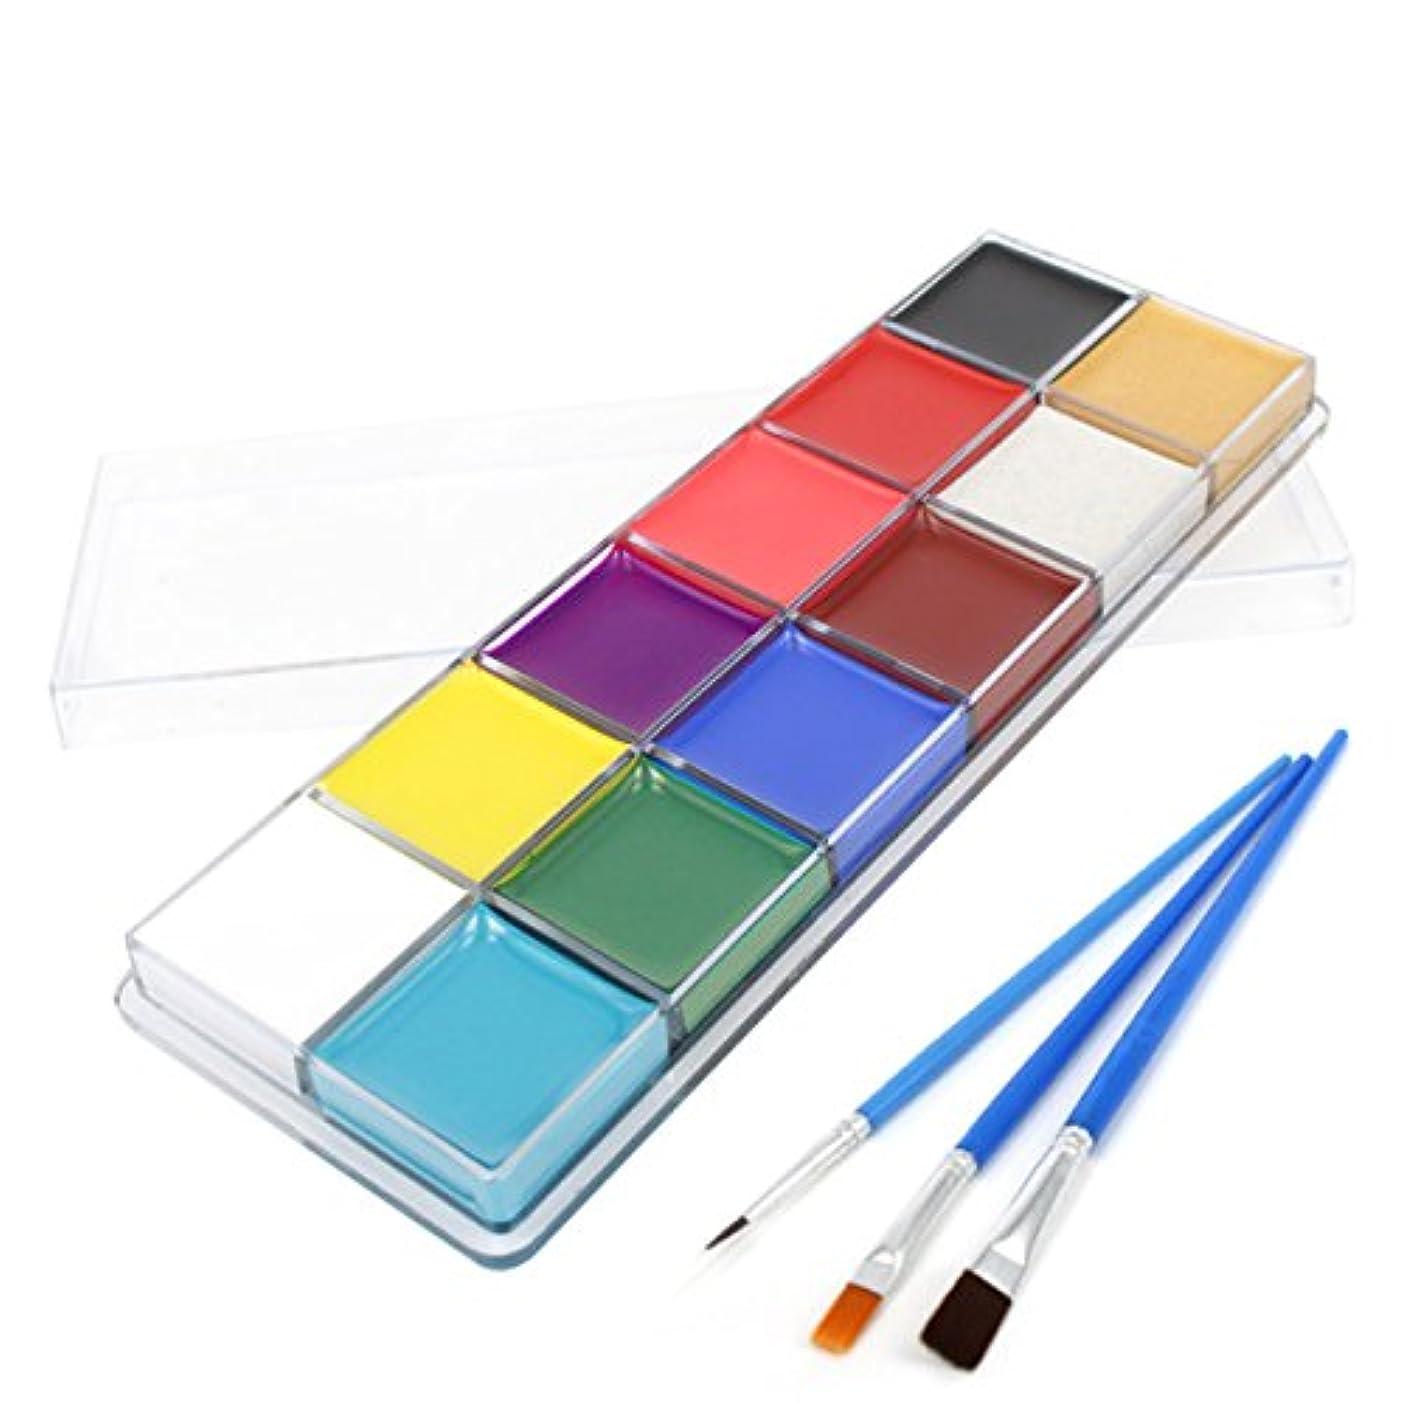 イーウェル不格好わざわざBeaupretty Face Painting Kits Professional 12 Colors Art Party Fancy Make Up Set with brush